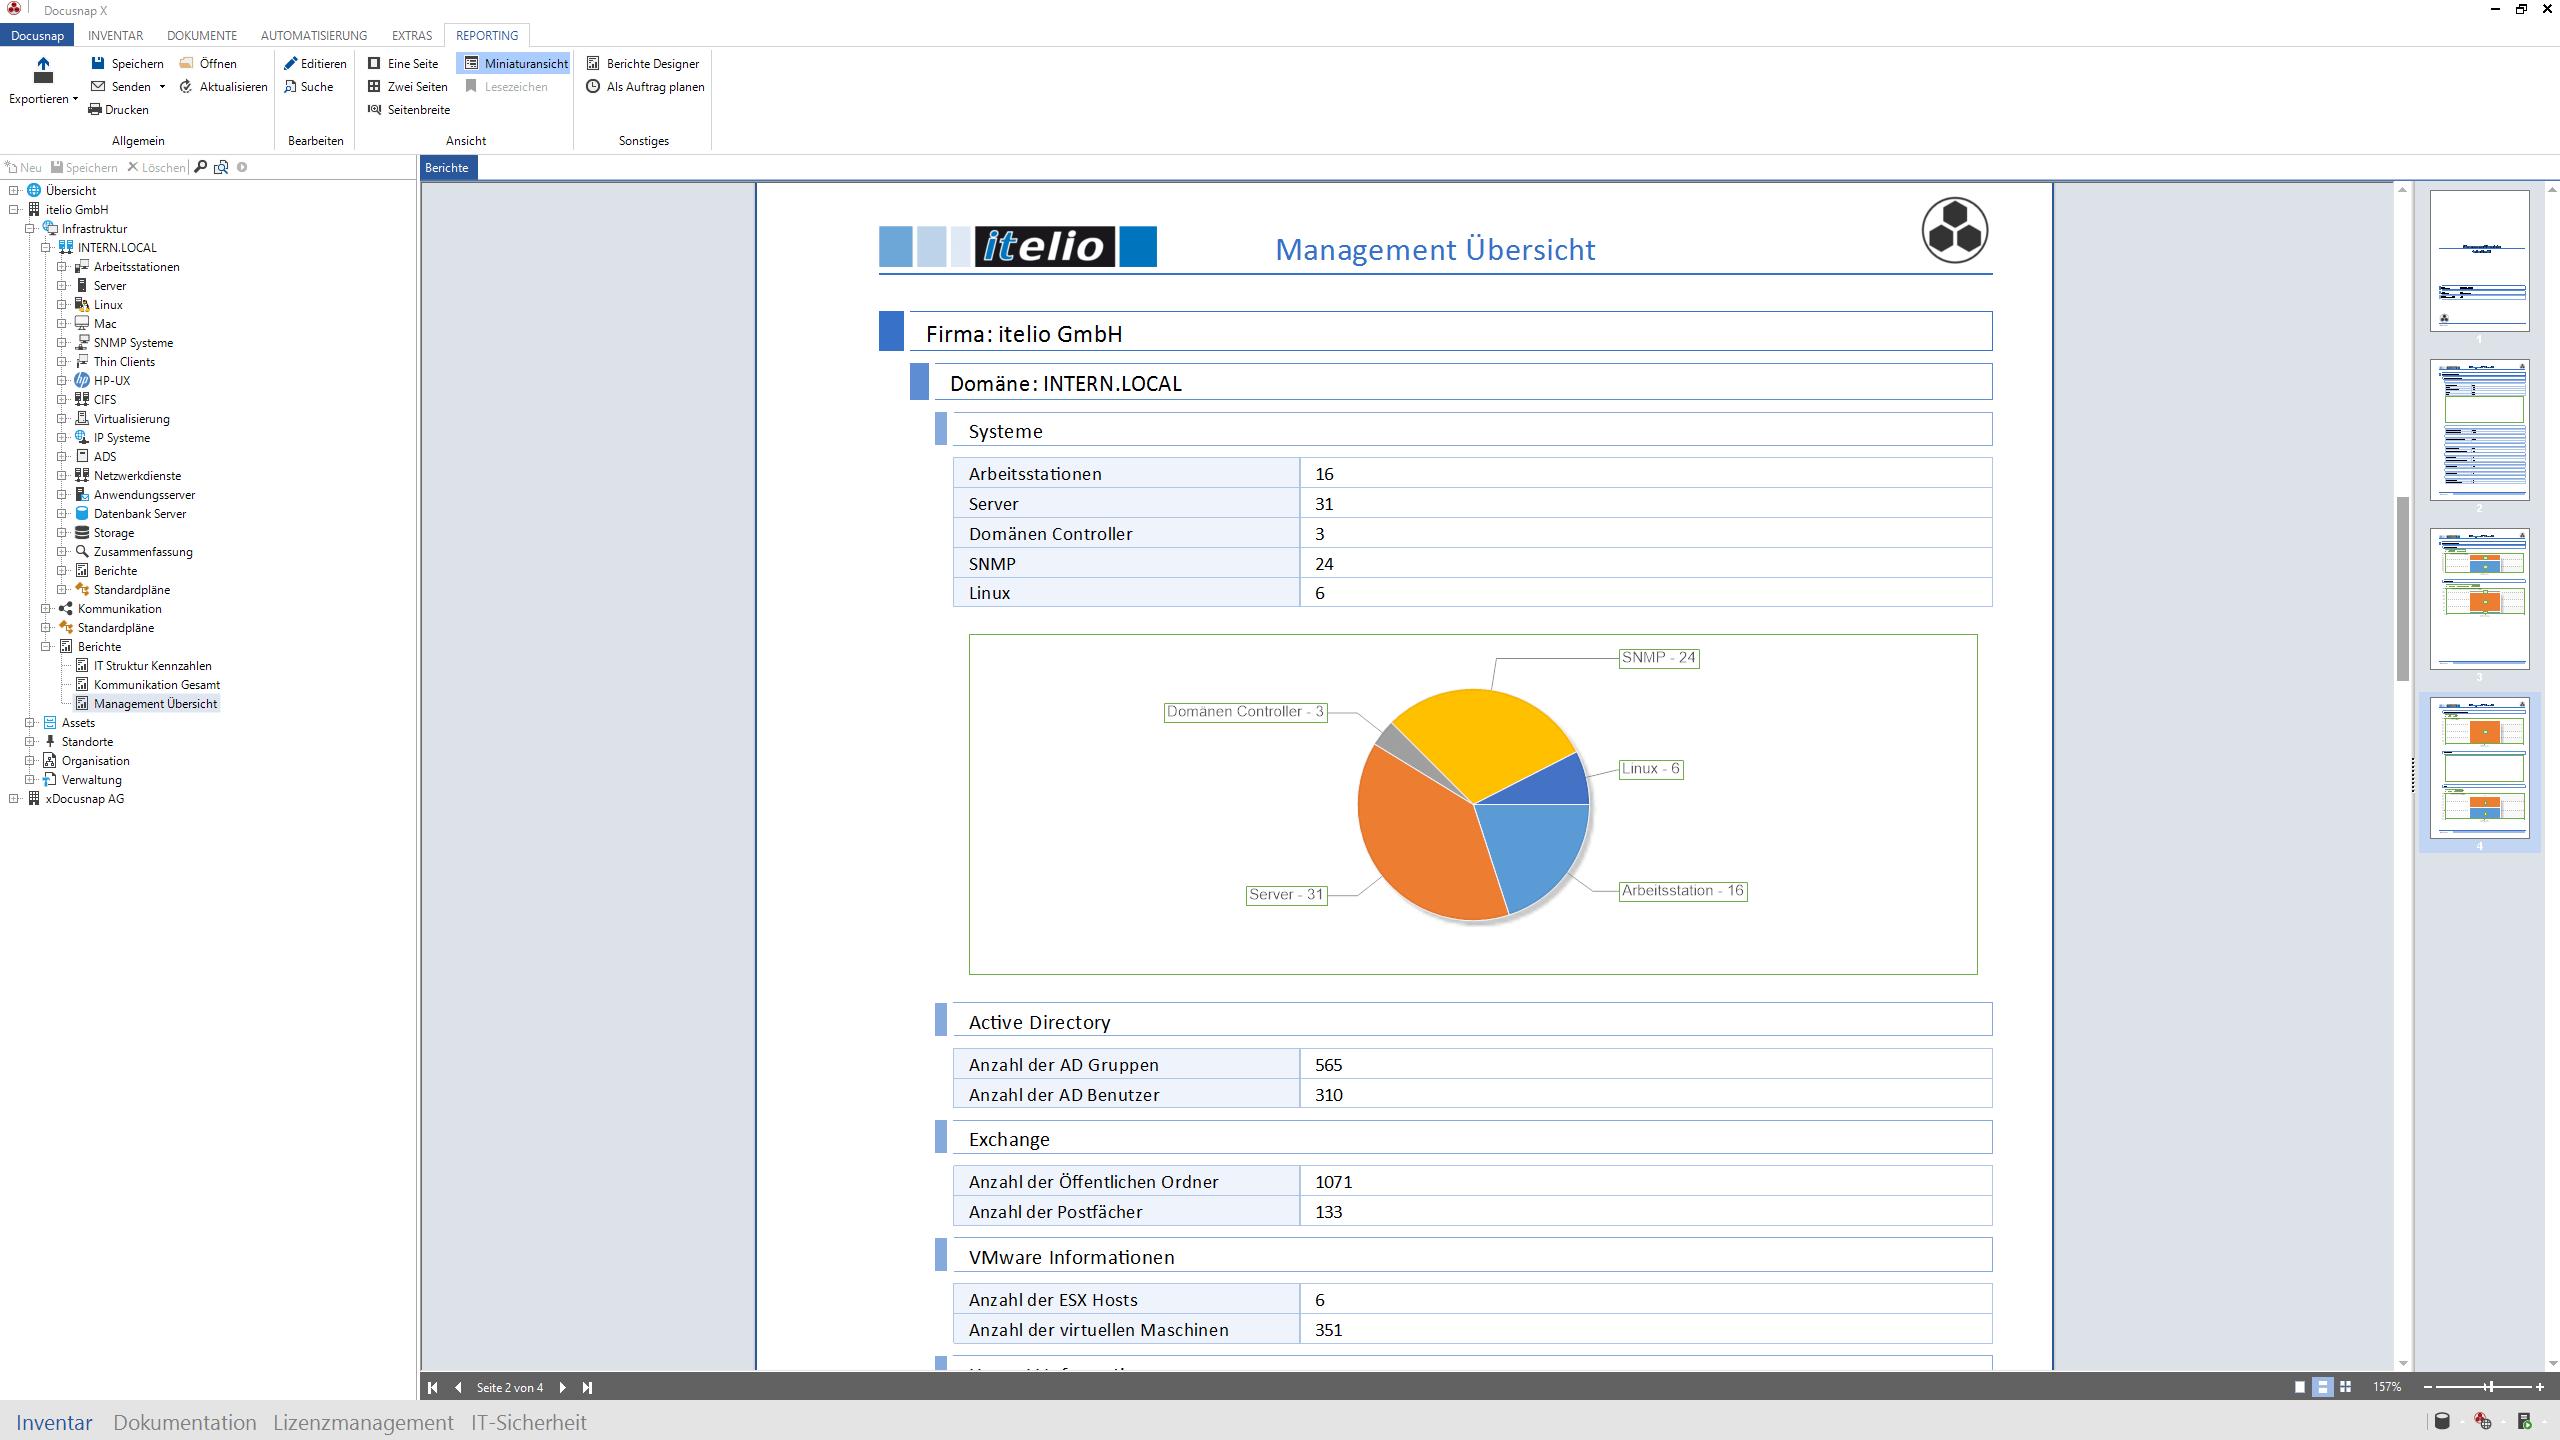 Docusnap X Bericht Management Übersicht